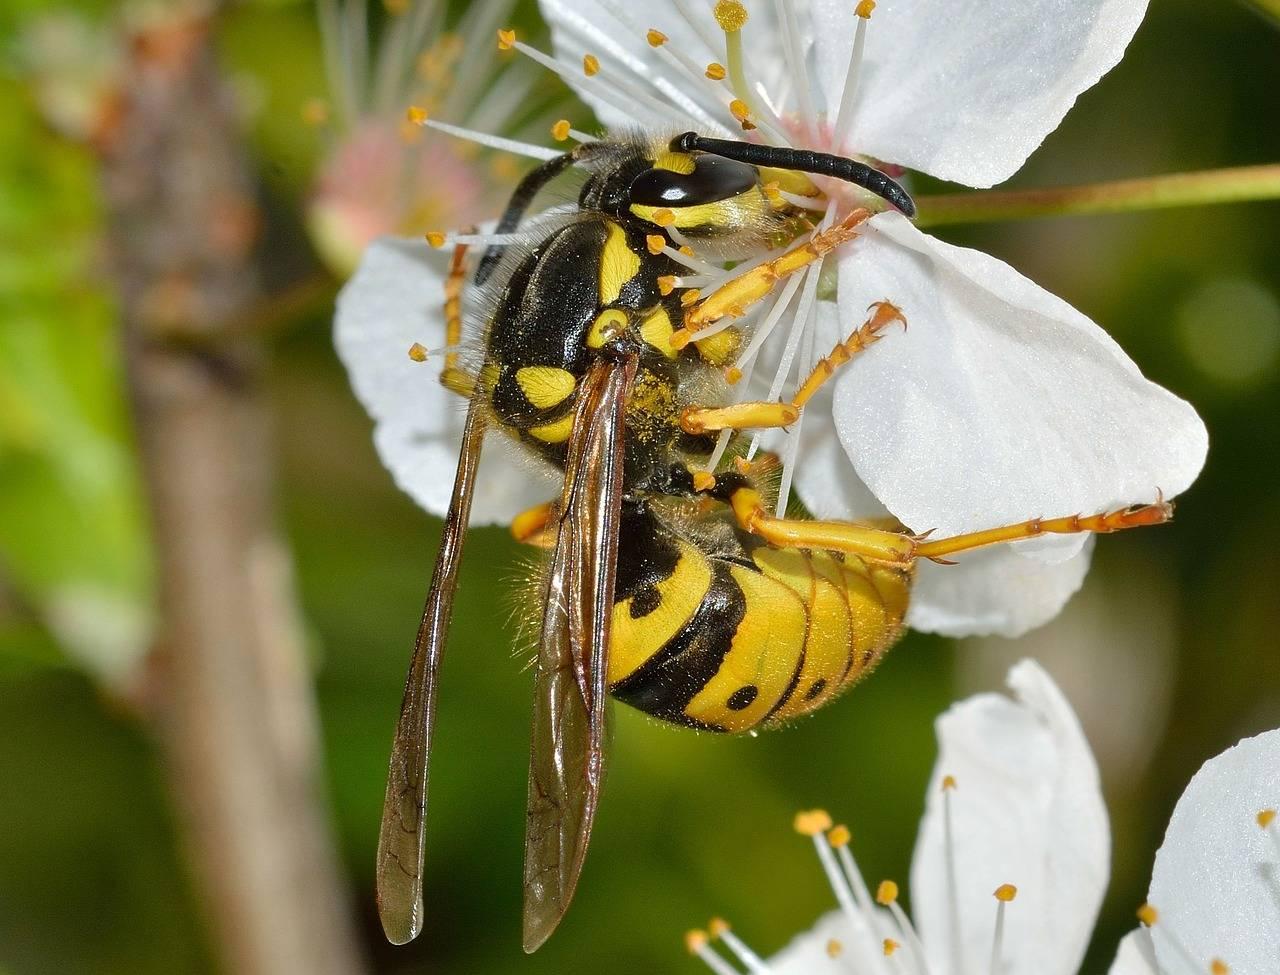 Шмель, пчела или оса залетели в дом: что сулят приметы - delfi